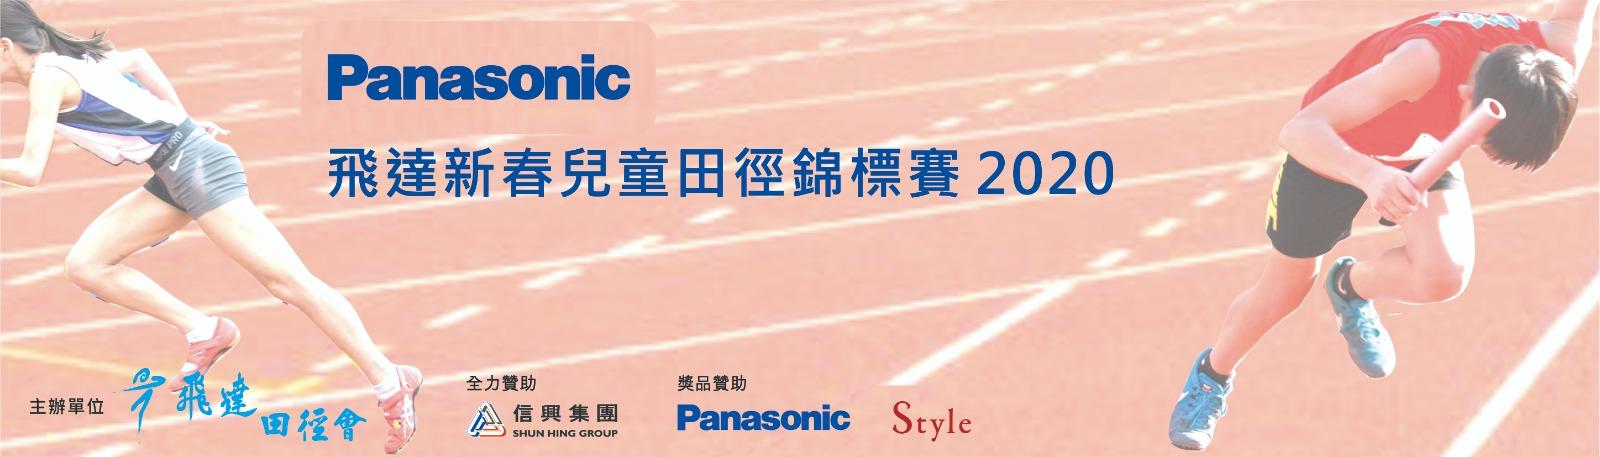 【Panasonic飛達新春兒童田徑錦標賽2020】 成績公佈